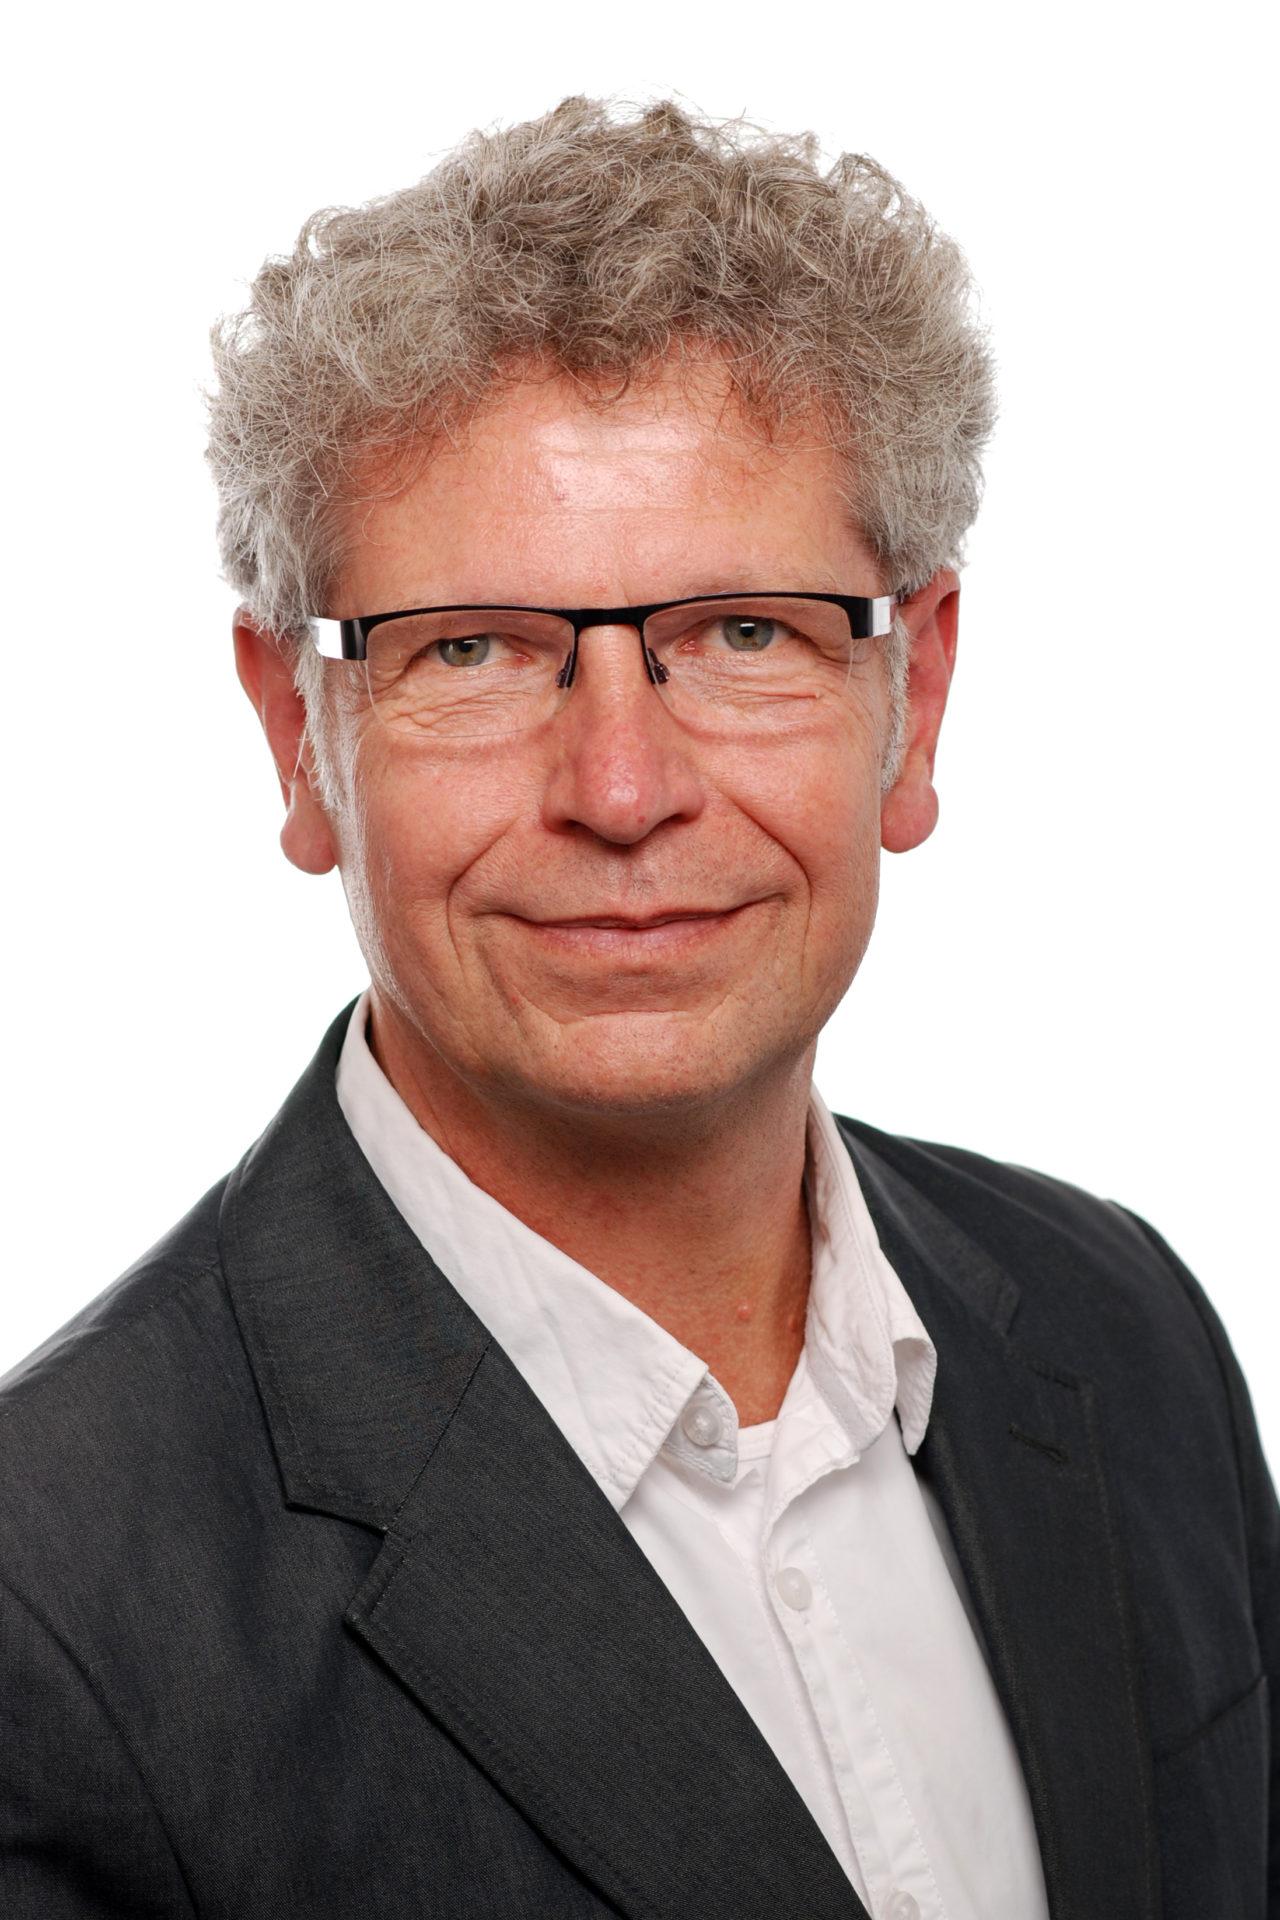 Klaus_Hagedorn